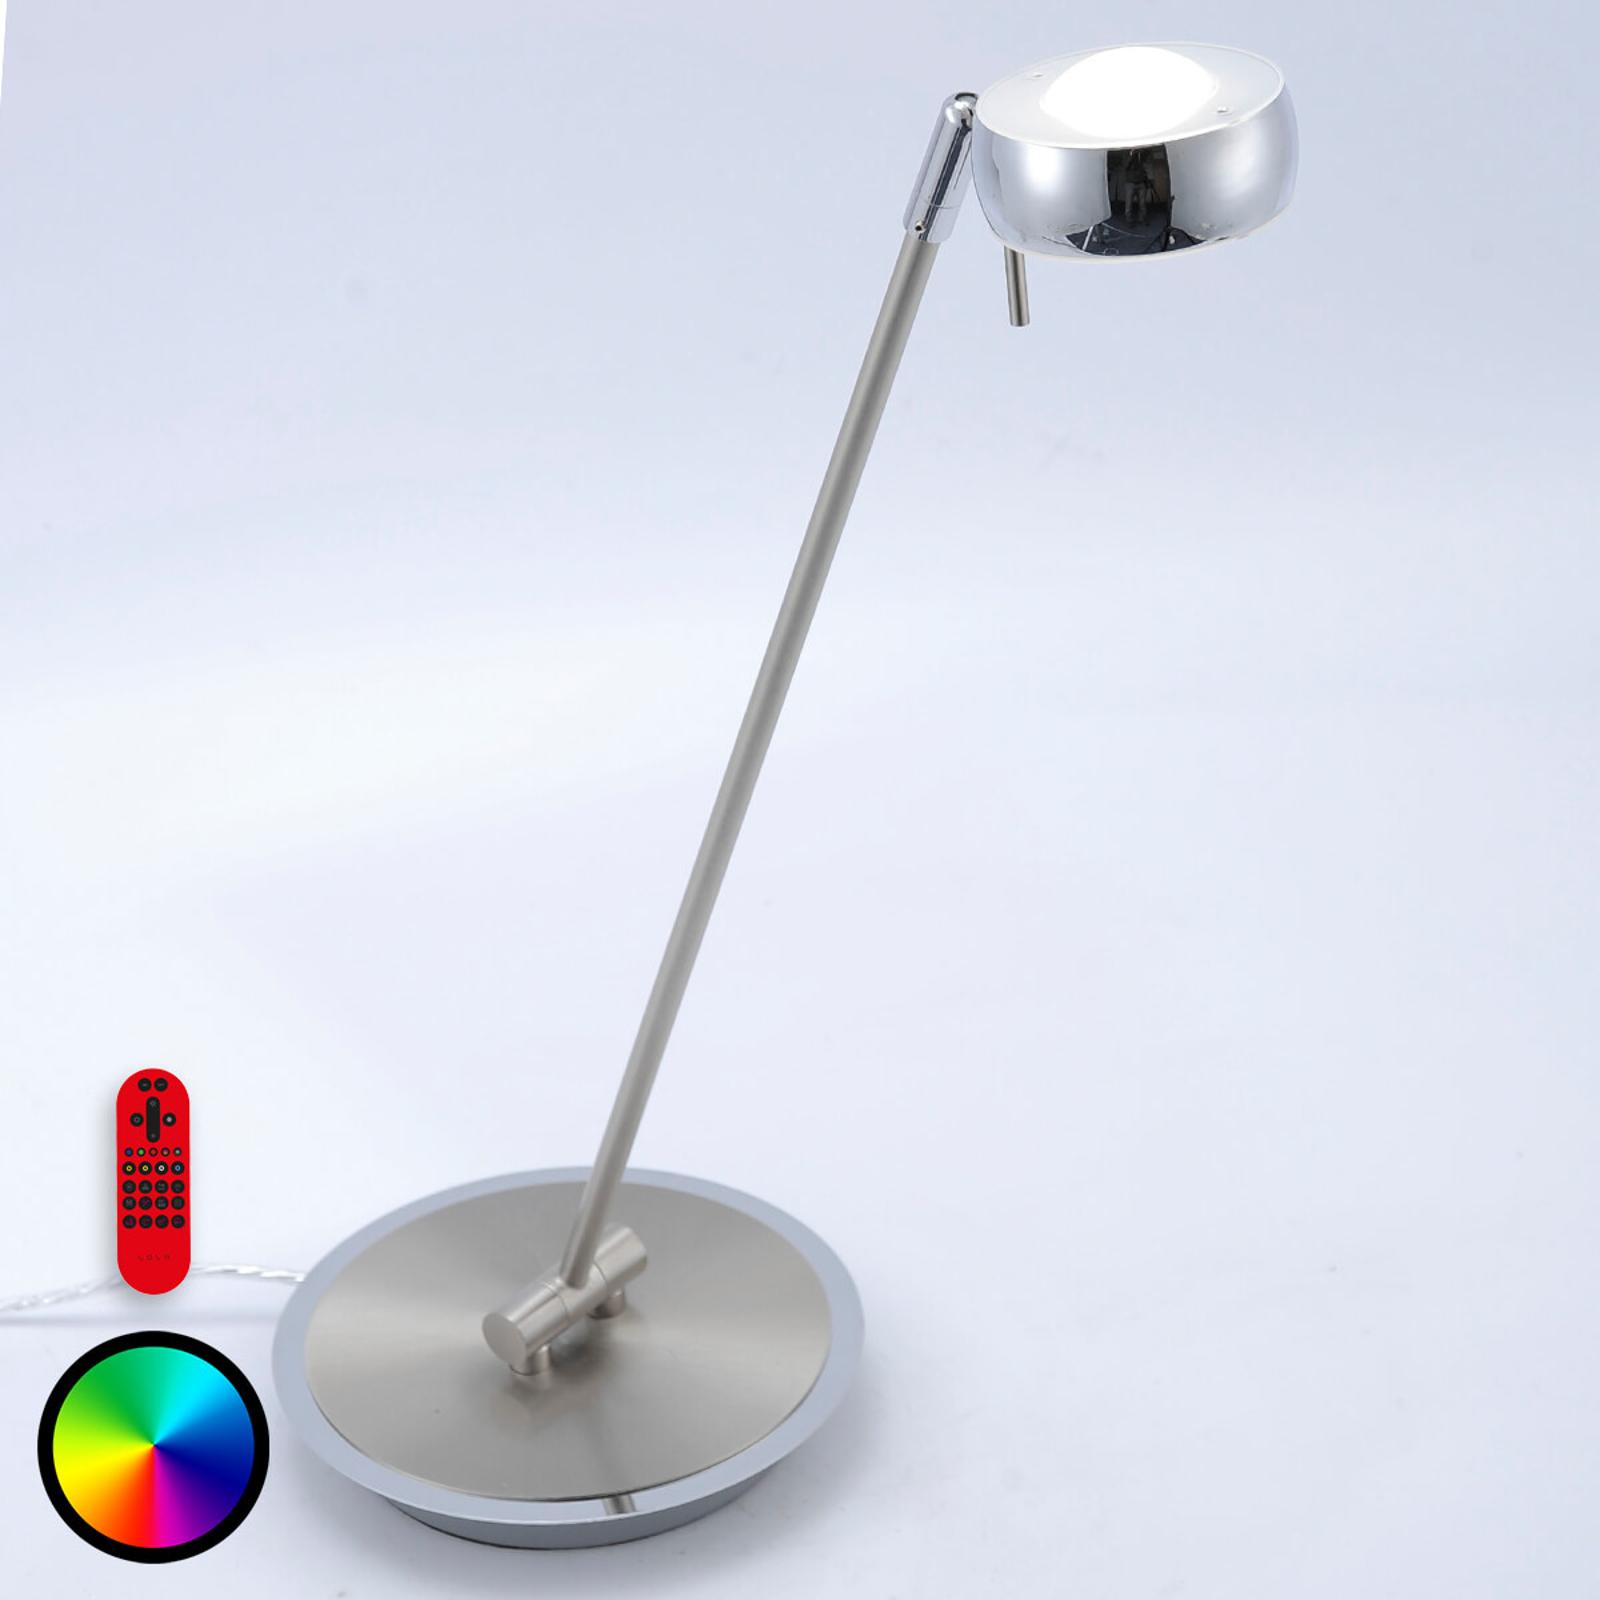 Lampa stołowa LED Lola-Opti ze zmianą kolorów